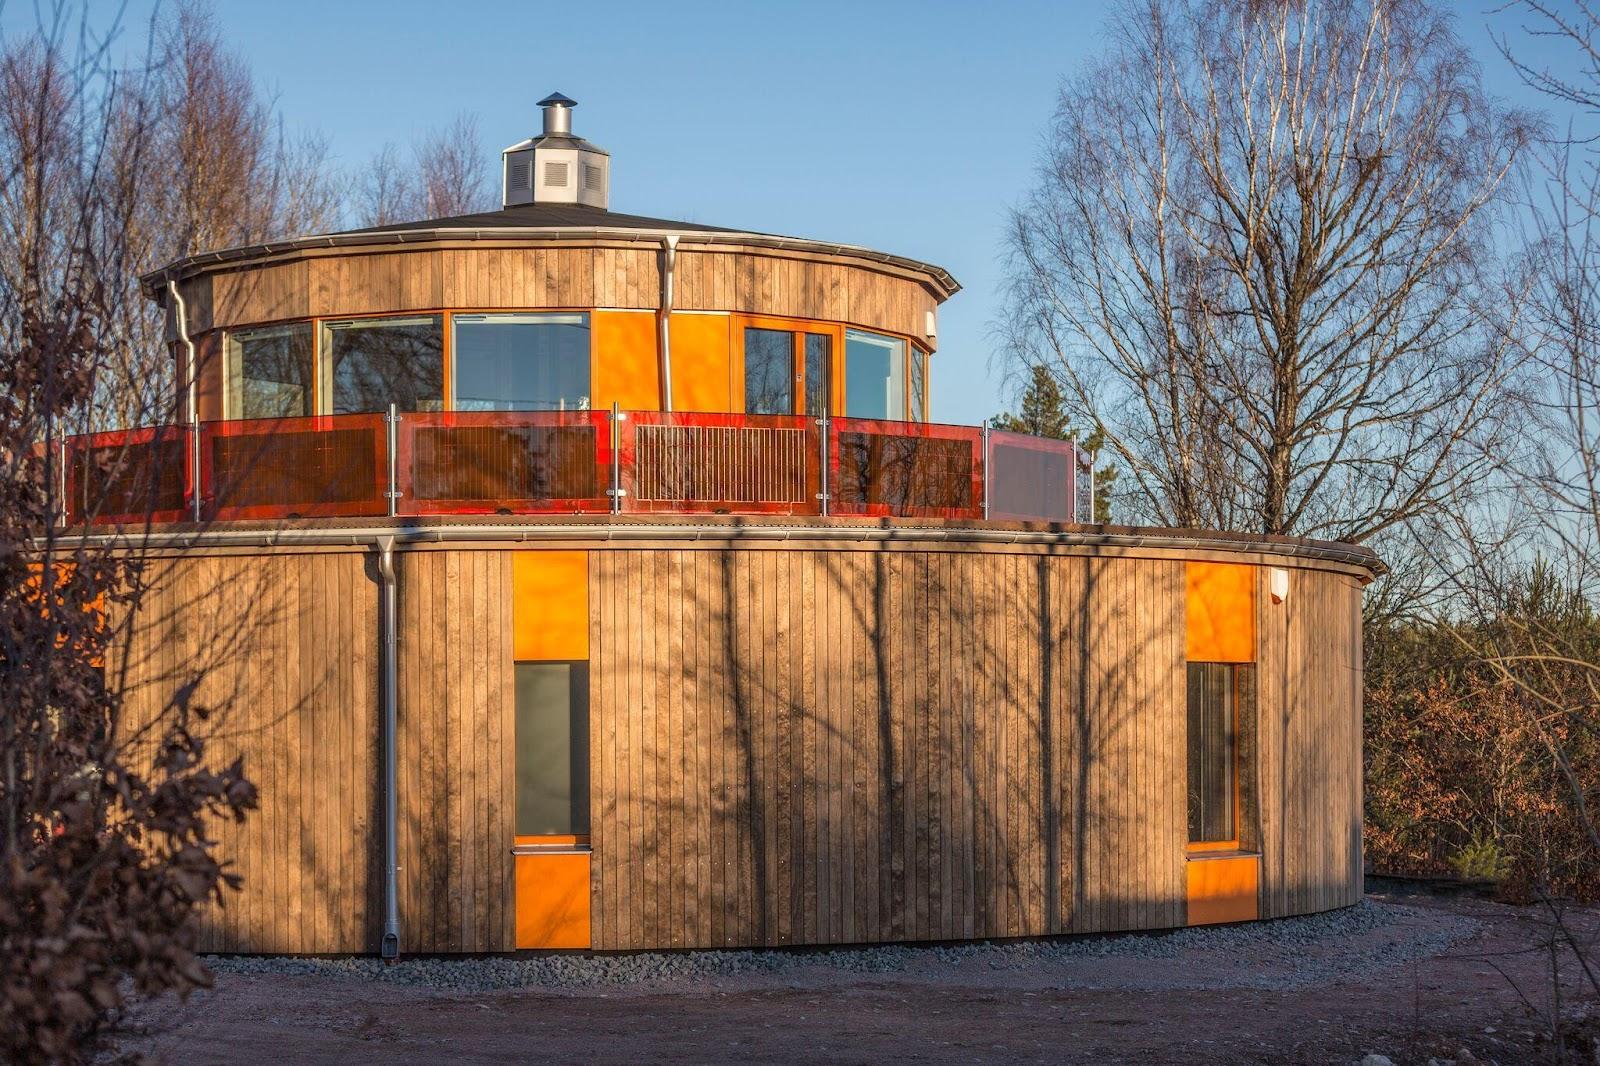 Holzverkleidung an einem runden Gebäude